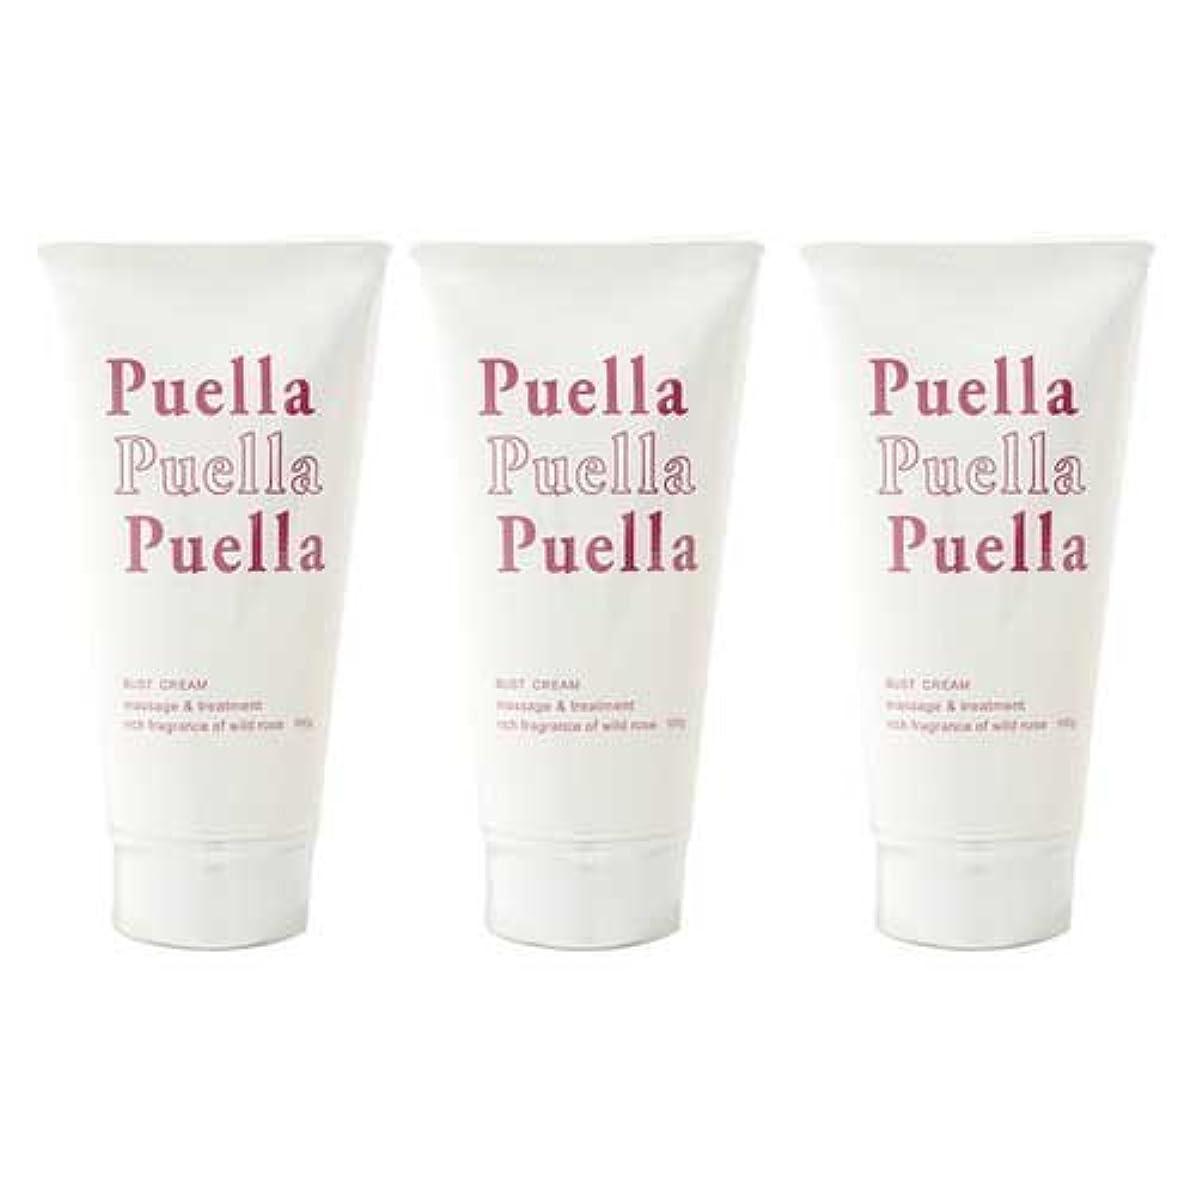 知覚的辞任する分離3個セット puella(プエルラ)